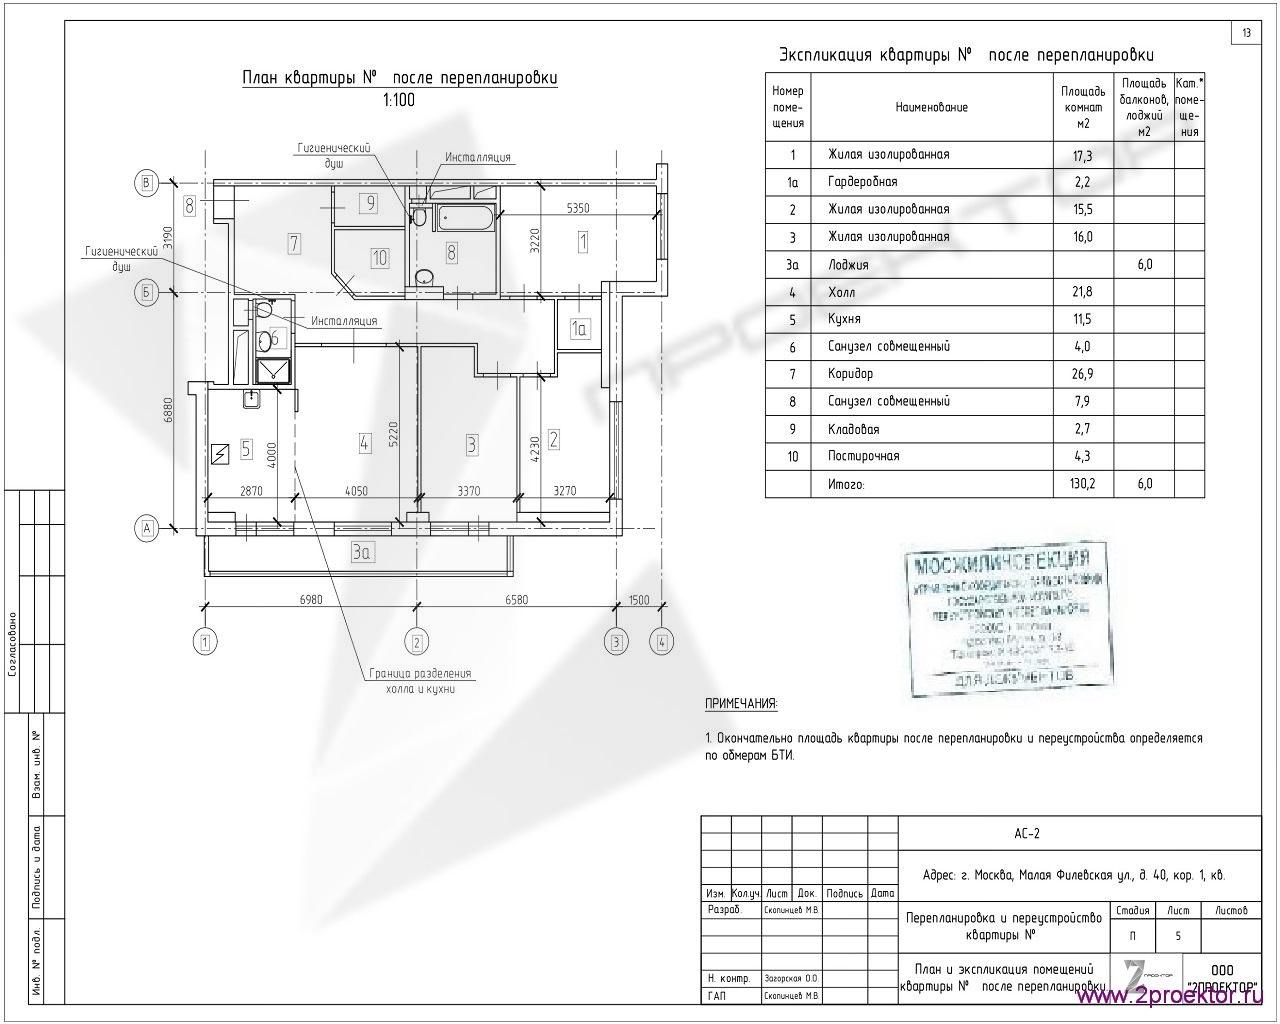 Вариант планировки квартиры в Жилом комплексе Суворов парк, разработанный специалистами ООО «2Проектор» и согласованный Мосжилинспекцией.